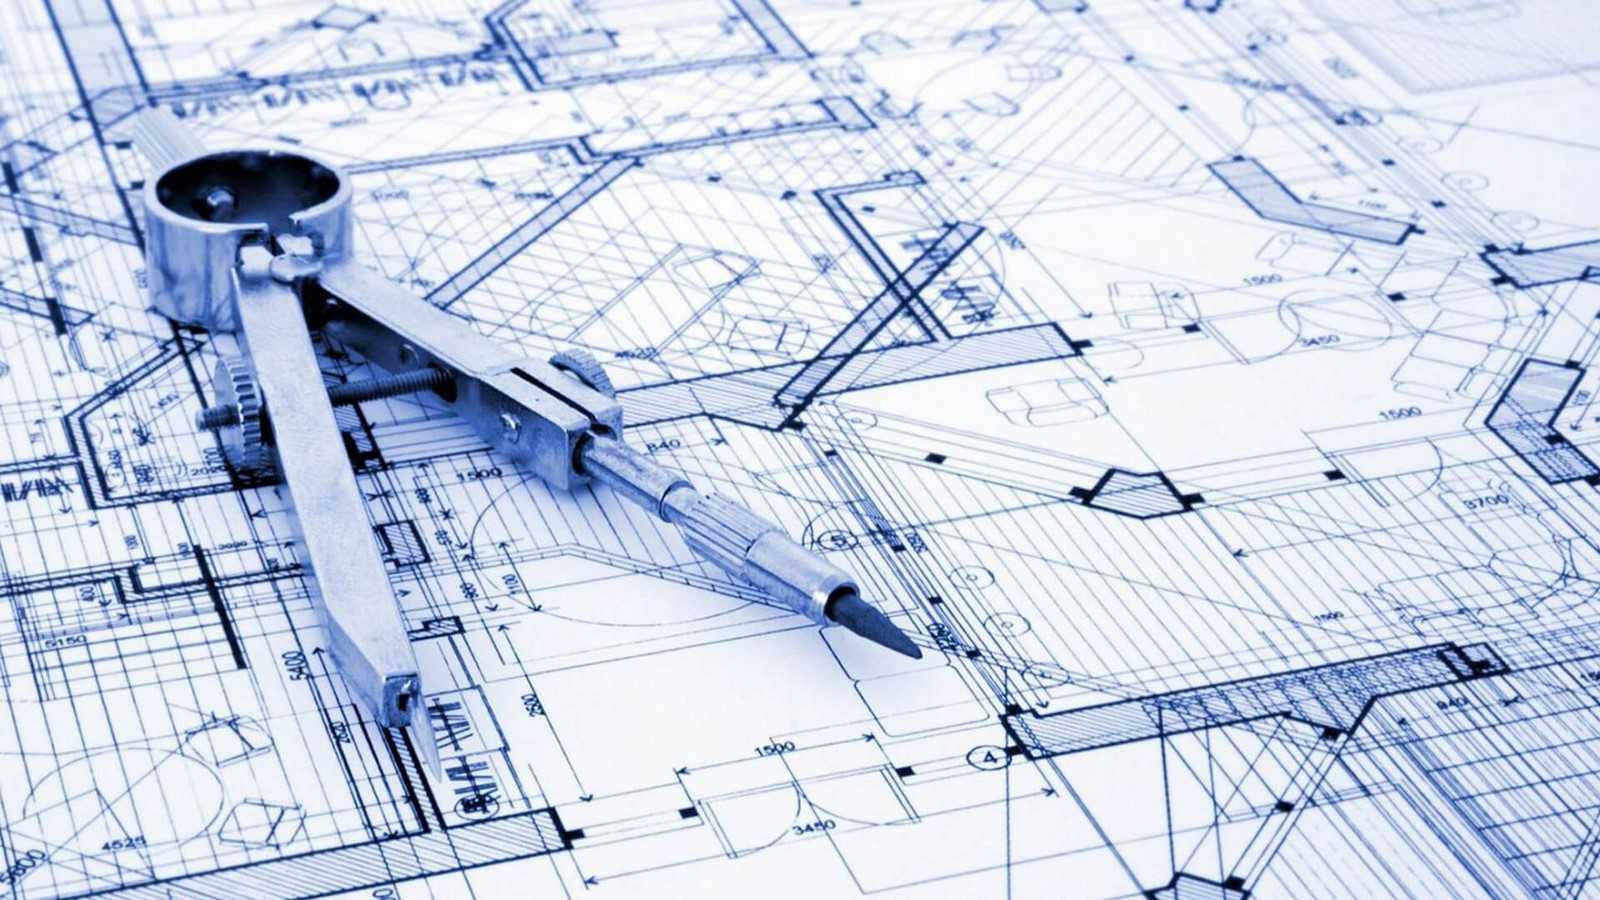 Định hướng phát triển kiến trúc Việt Nam đến năm 2030, tầm nhìn đến năm 2050